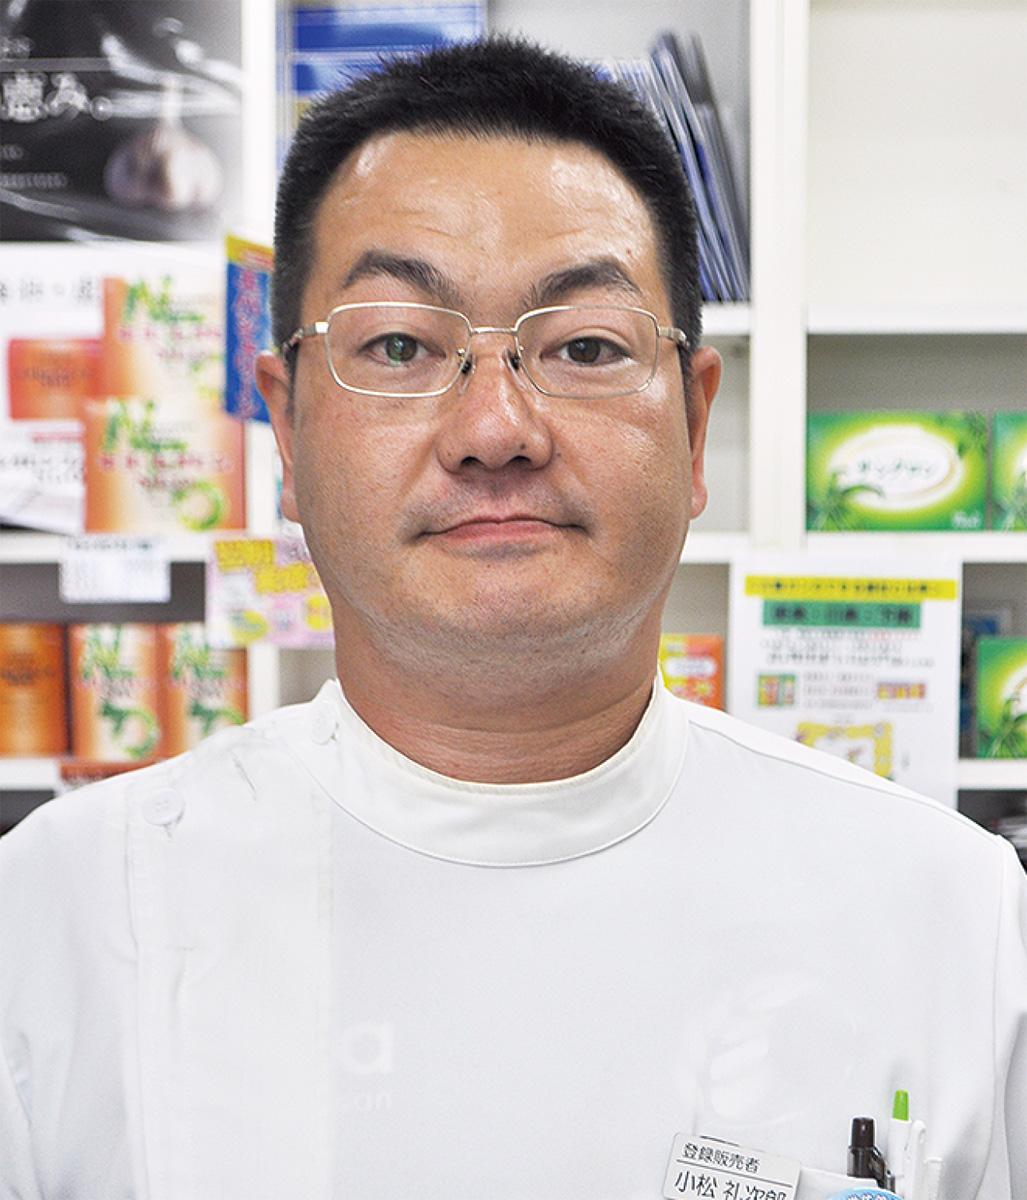 区商連新会長に小松氏 総会で役員改選 | 青葉区 | タウンニュース